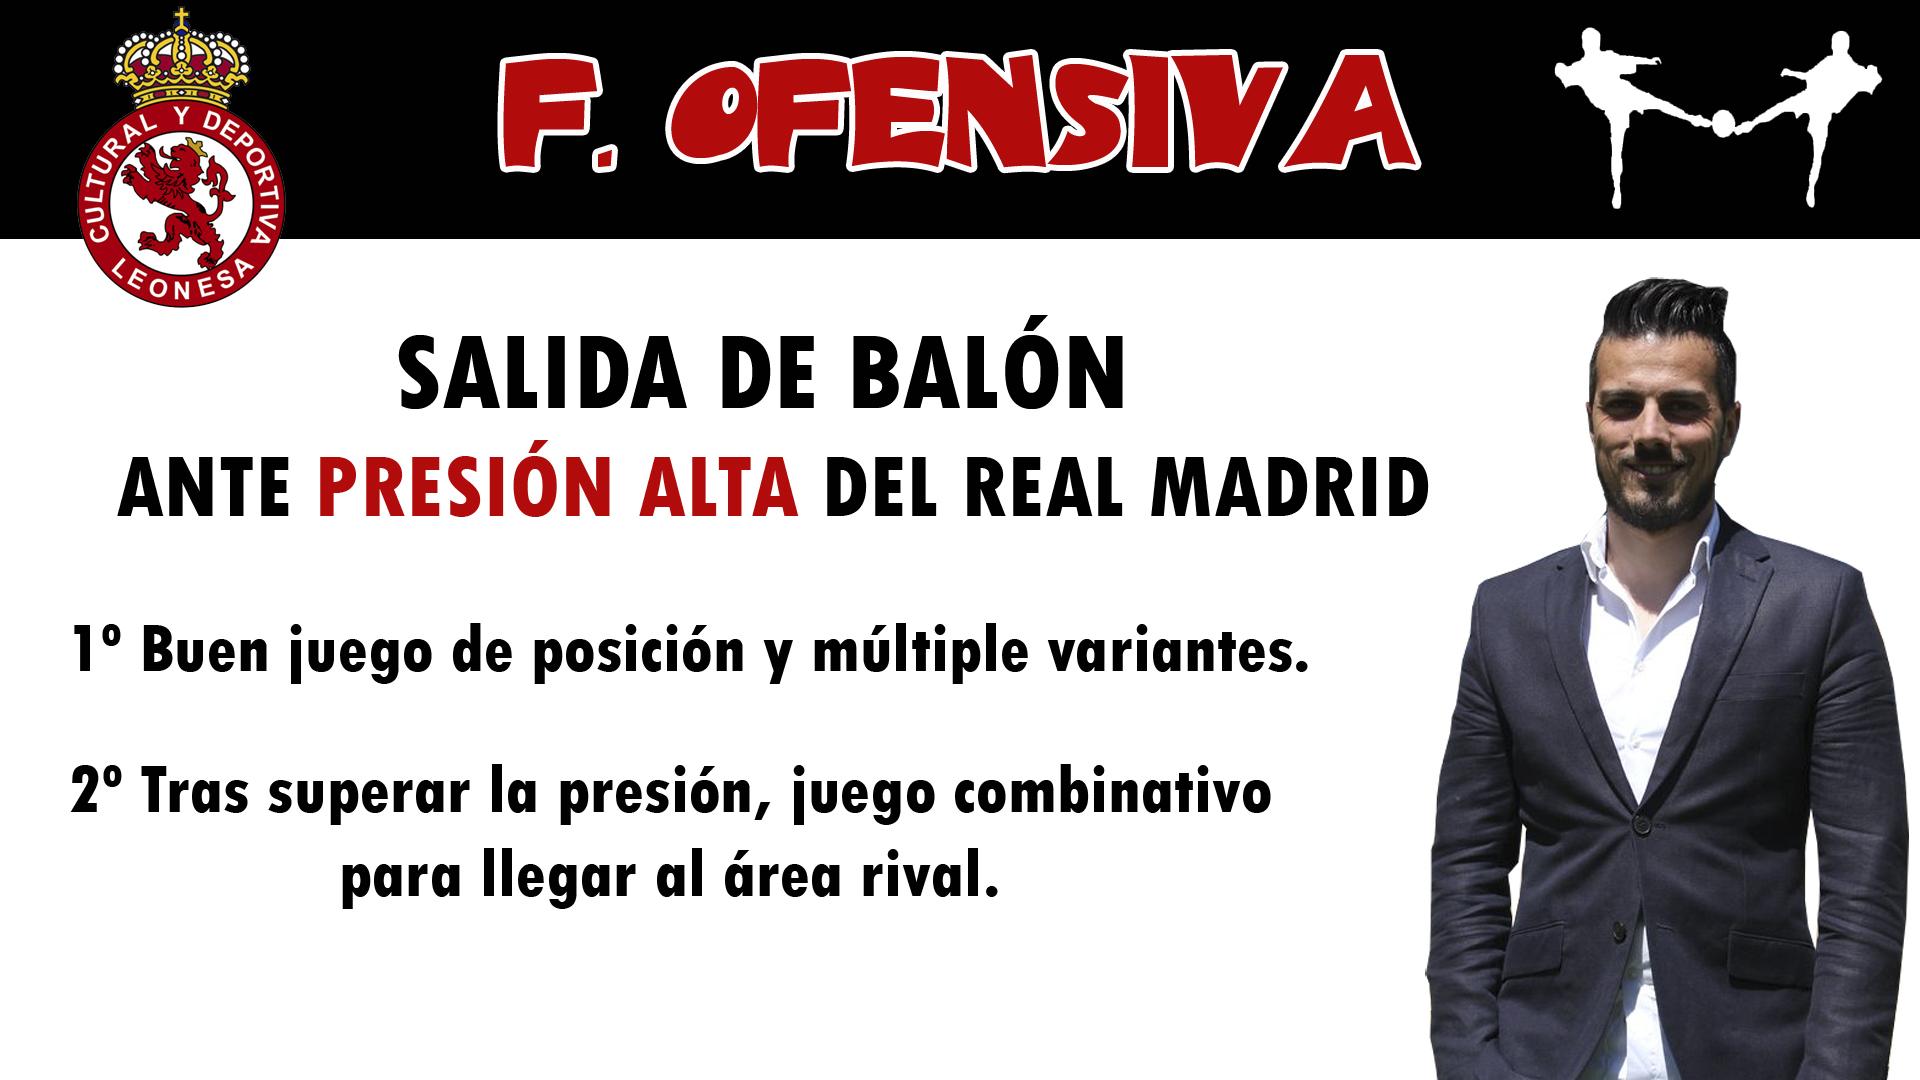 futbolcarrasco cultural leonesa analisis tactico jugador salida balon real madrid zidane